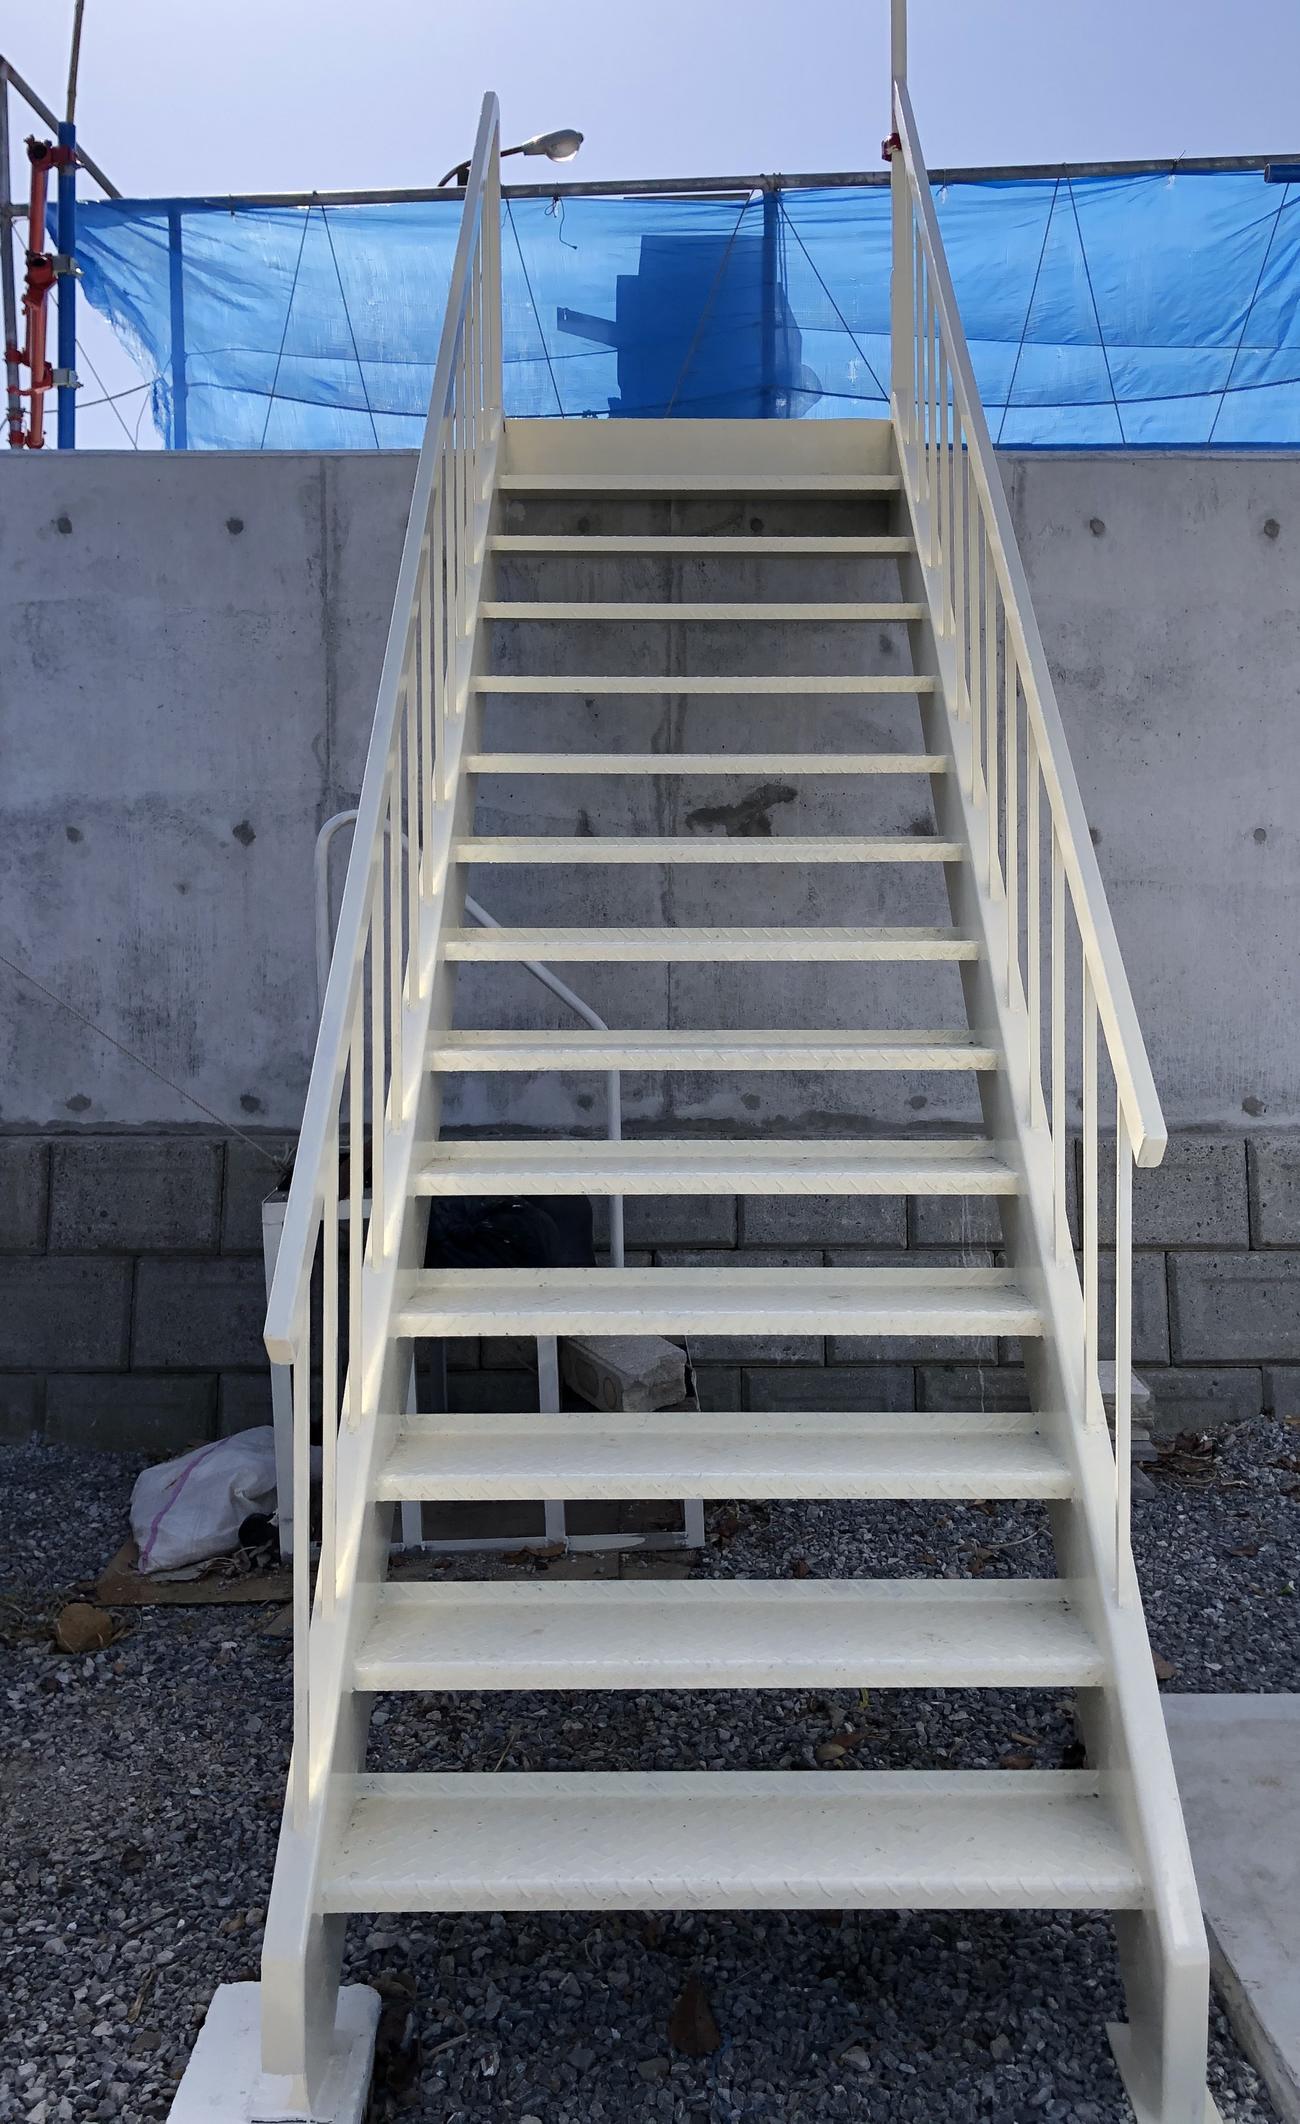 小型船「ひまわり」に乗るため、菅原船長が設置した階段